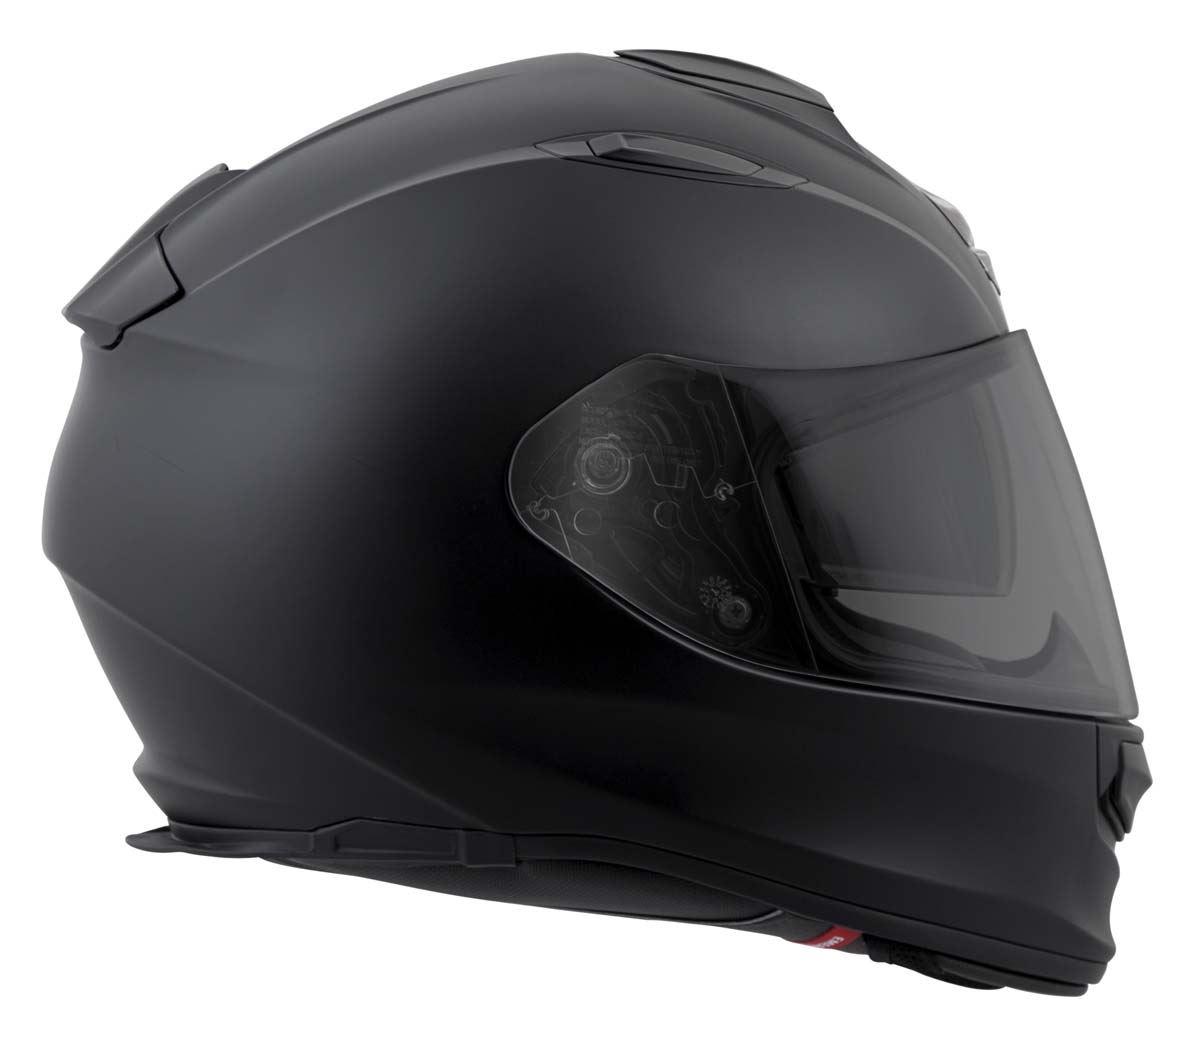 Scorpion-EXO-T510-Helmet-Full-Face-DOT-Approved-Inner-Sun-Shield miniature 4